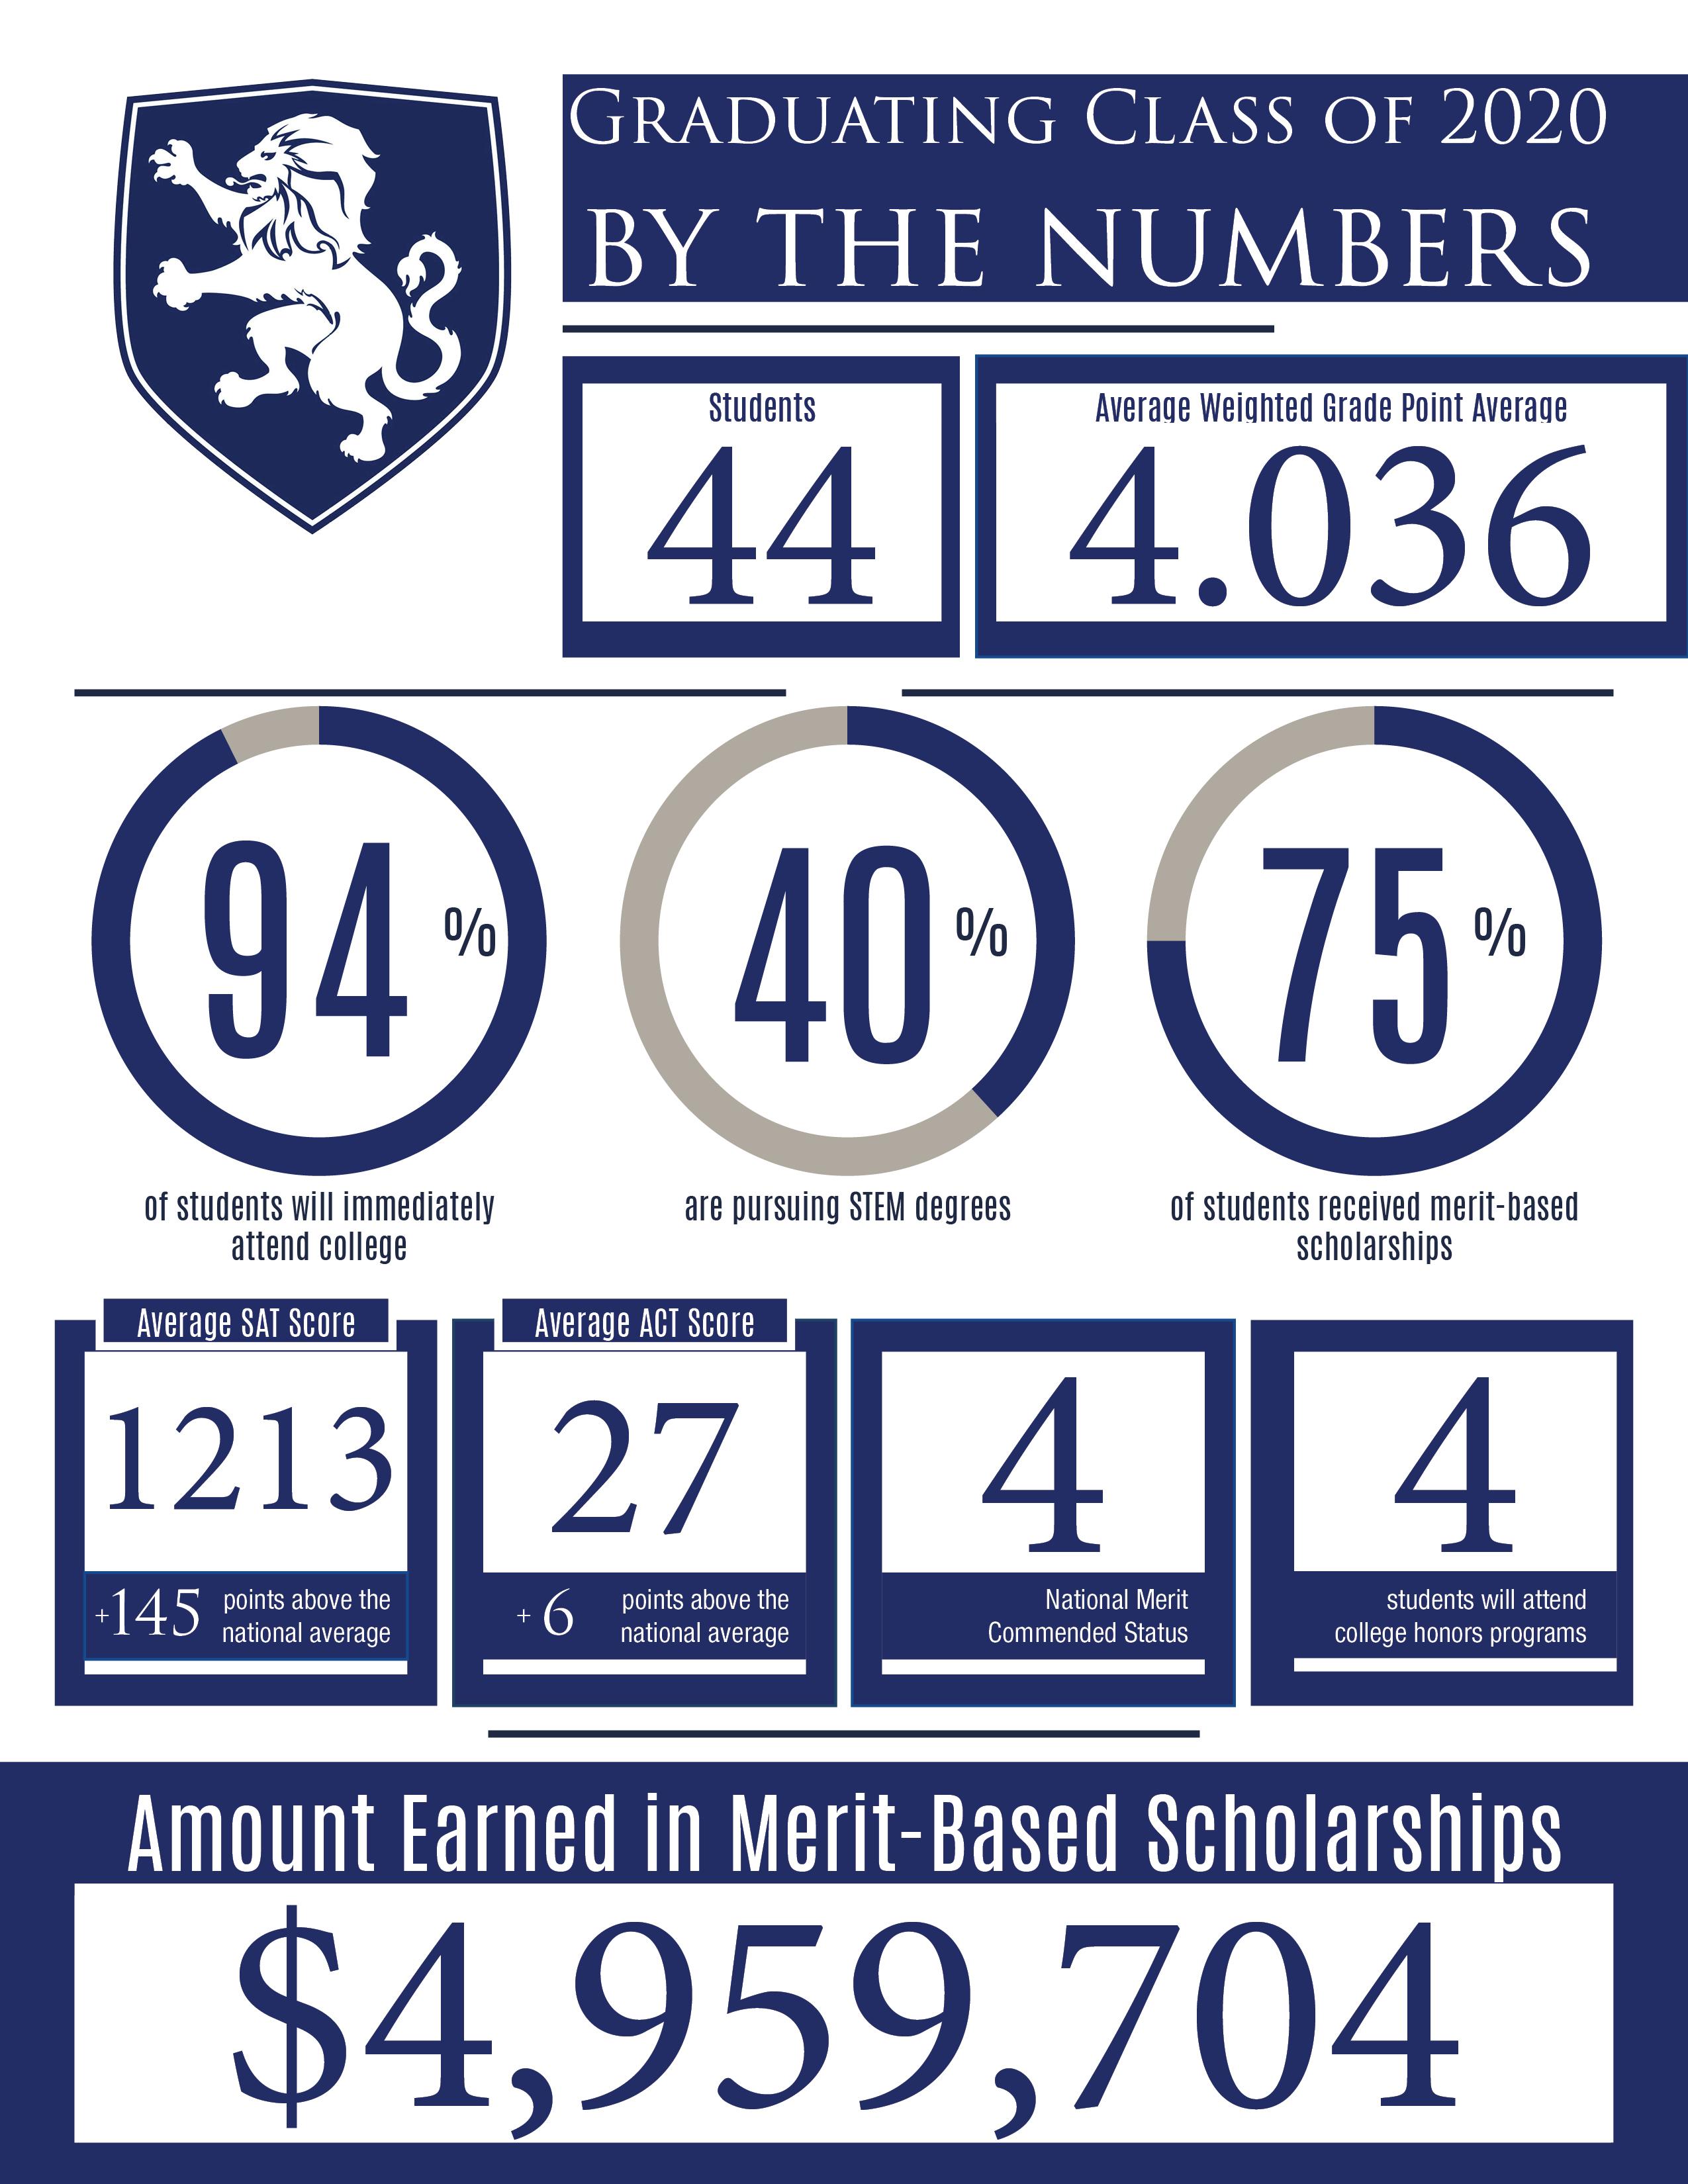 5 million in scholarships